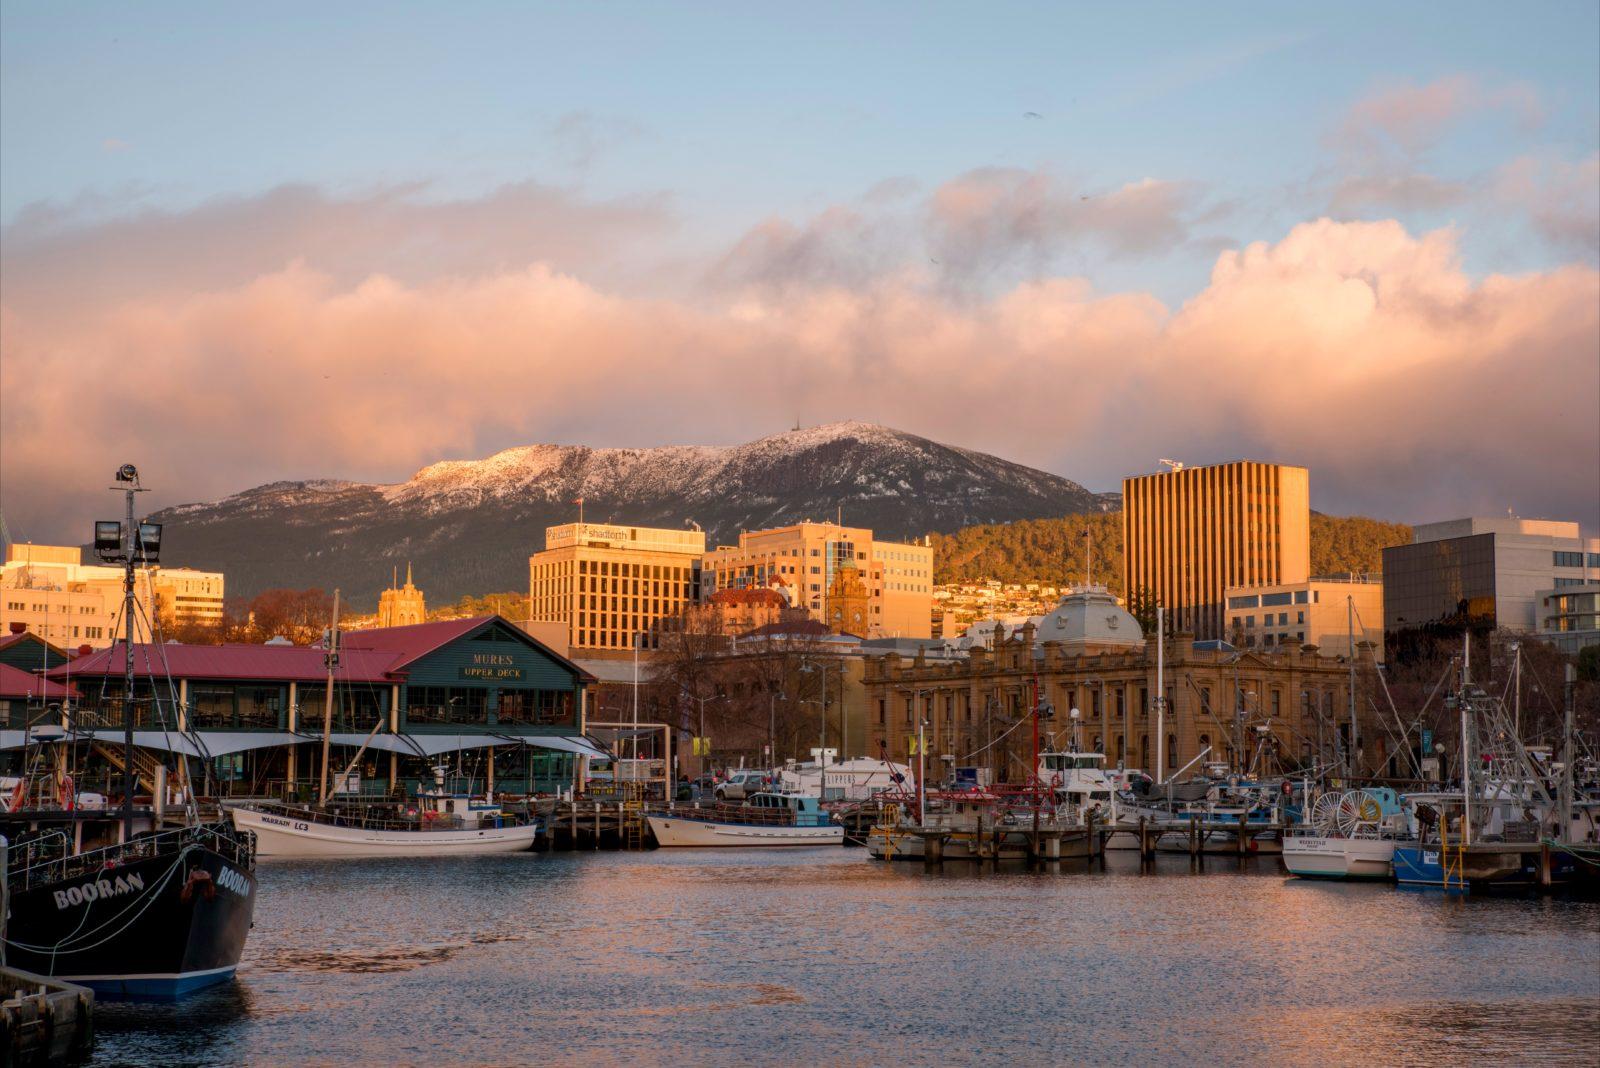 Hobart's iconic Mt Wellington